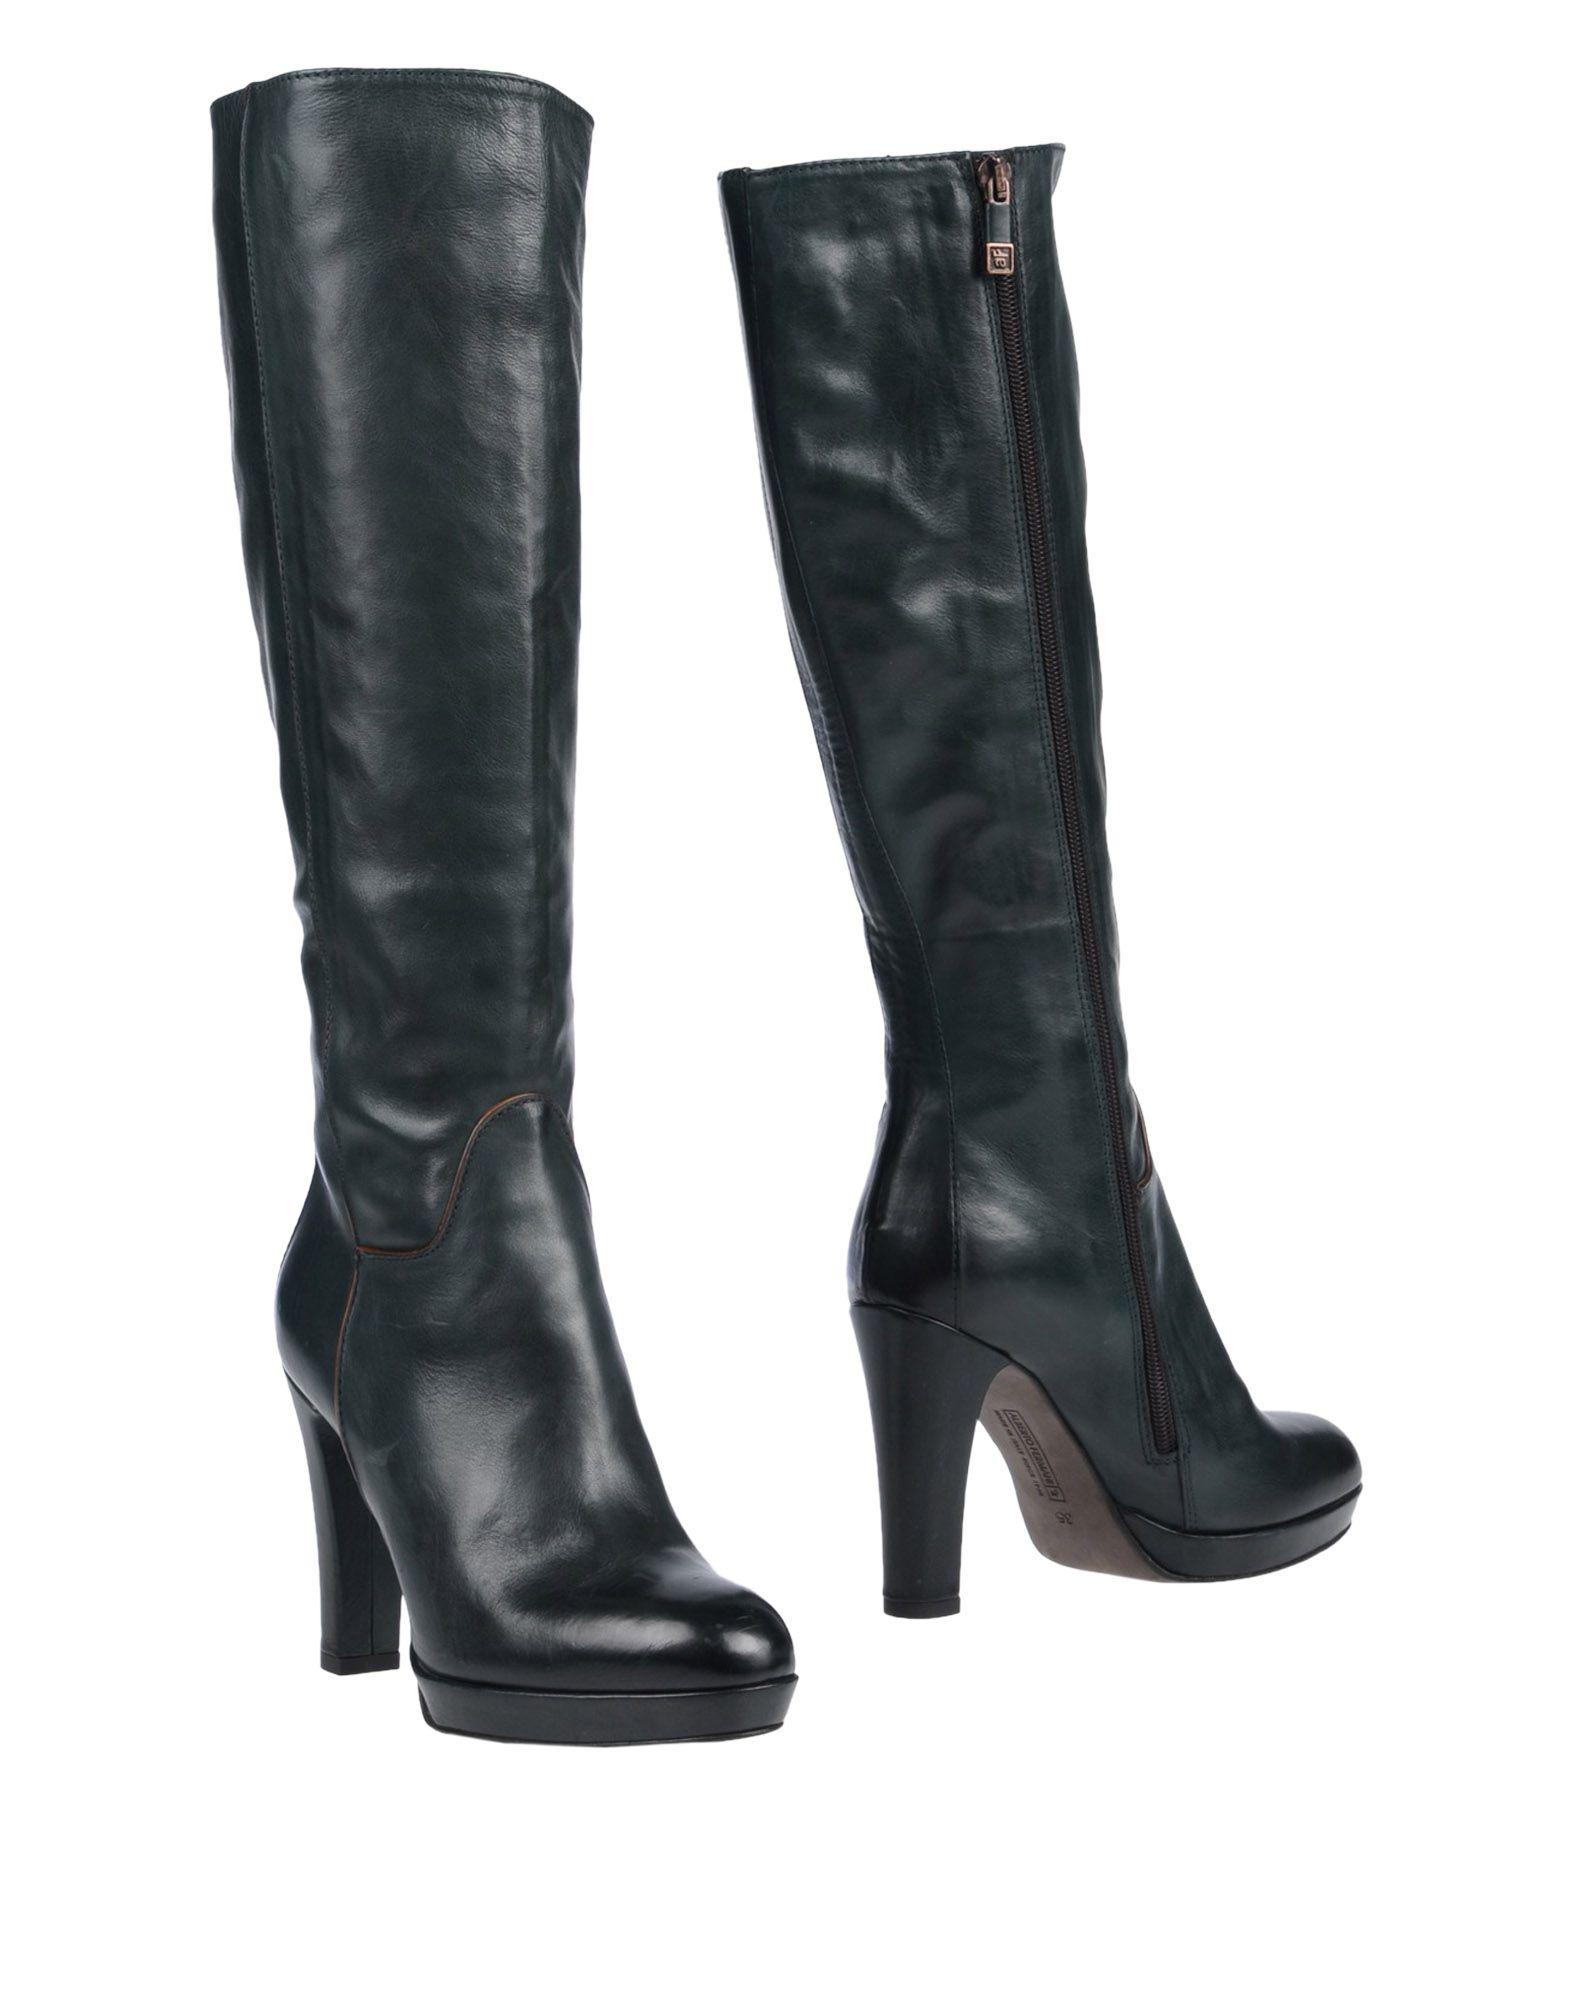 Alberto Fermani Stiefel Damen  11430746TW Gute Qualität beliebte Schuhe